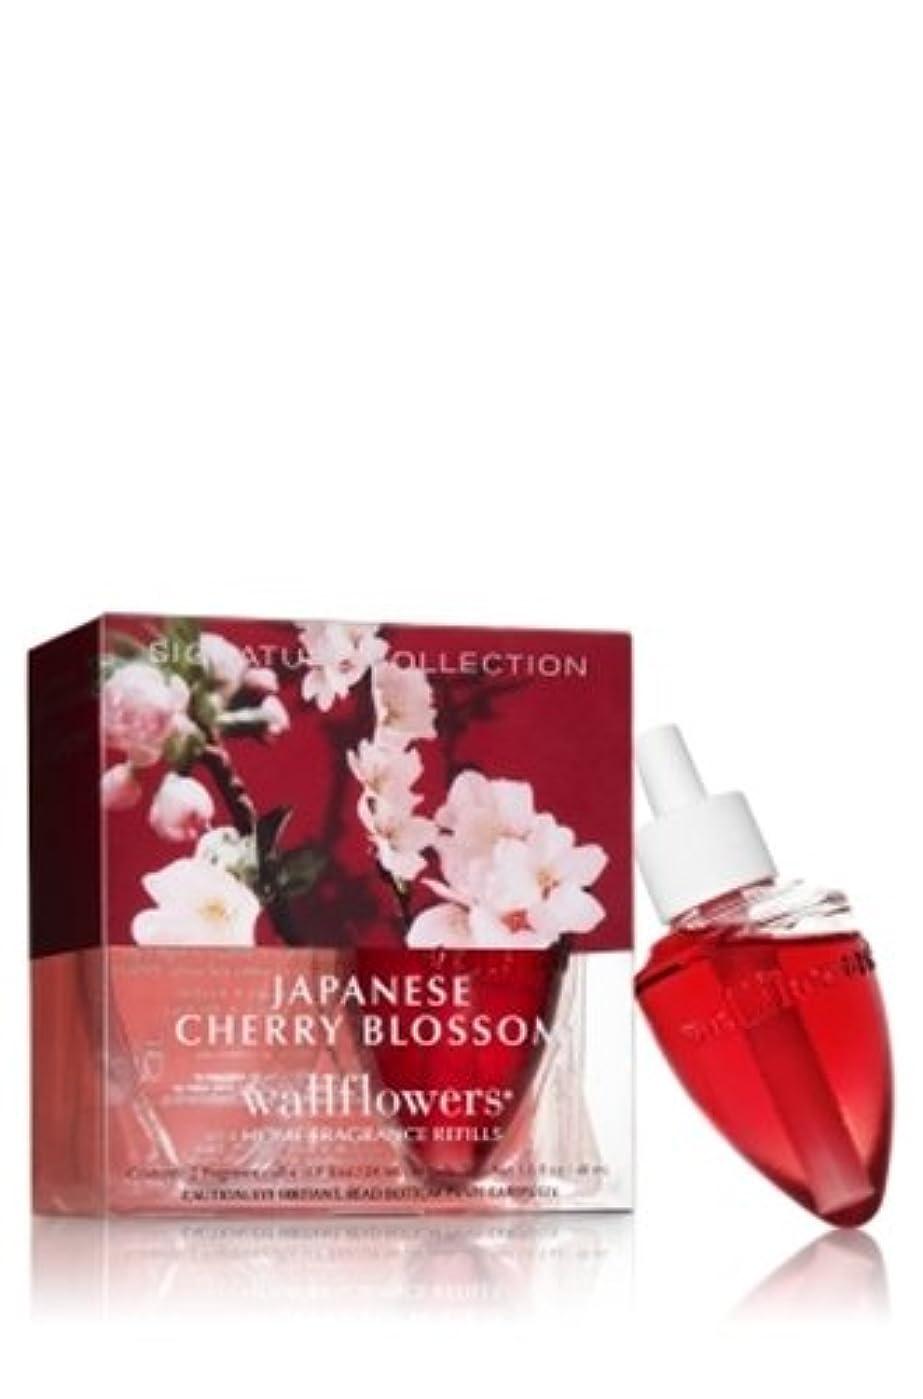 曲線機械的遺伝的Bath & Body Works(バス&ボディワークス)ジャパニーズチェリーブロッサム ホームフレグランス レフィル2本セット(本体は別売りです)Japanese Cherry Blossom Wallflowers...